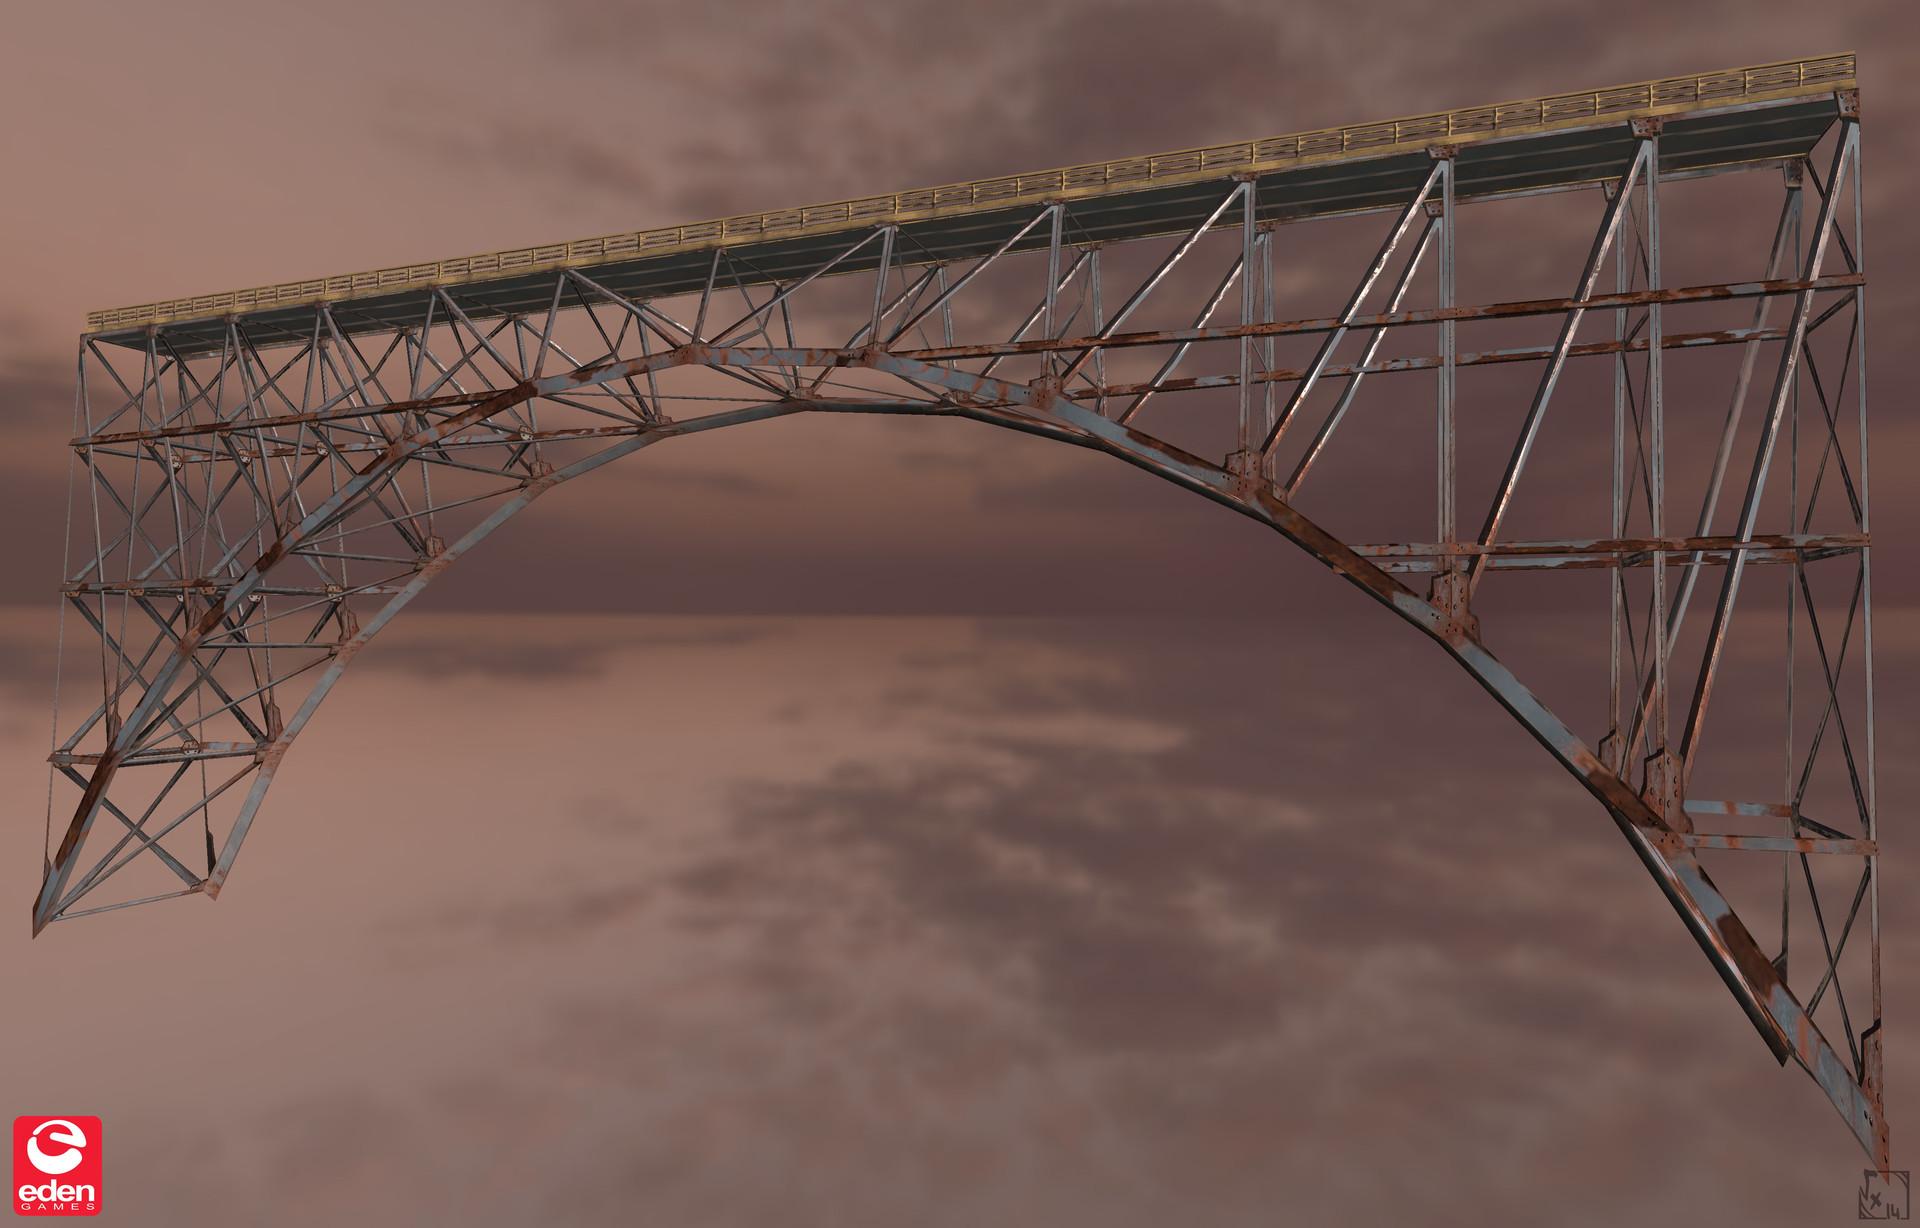 Etienne beschet desertlargebridge 01